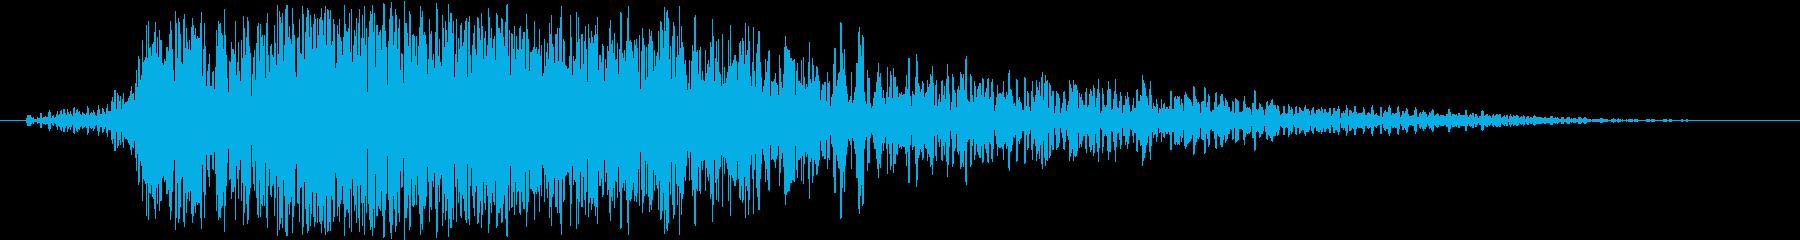 【ゲーム】 SF 07 動作 ブワーンッの再生済みの波形